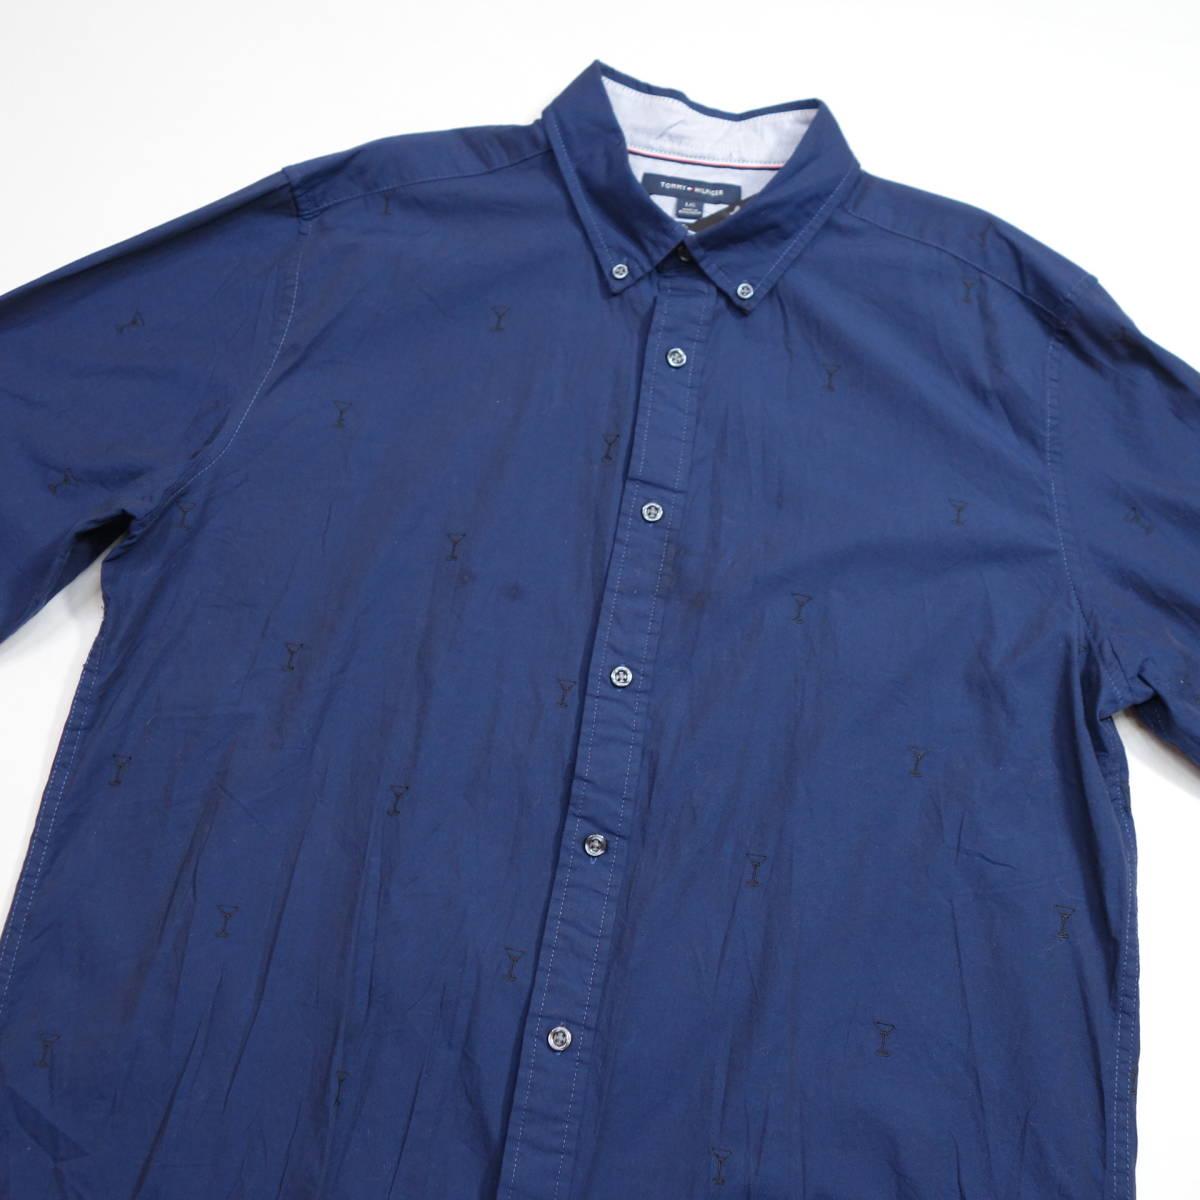 トミーヒルフィガー TOMMY パターンシャツ カクテルグラス柄シャツ 長袖 メンズ L ボタンダウン カジュアル USA直輸入 古着 MTH-3-5-0005_画像3